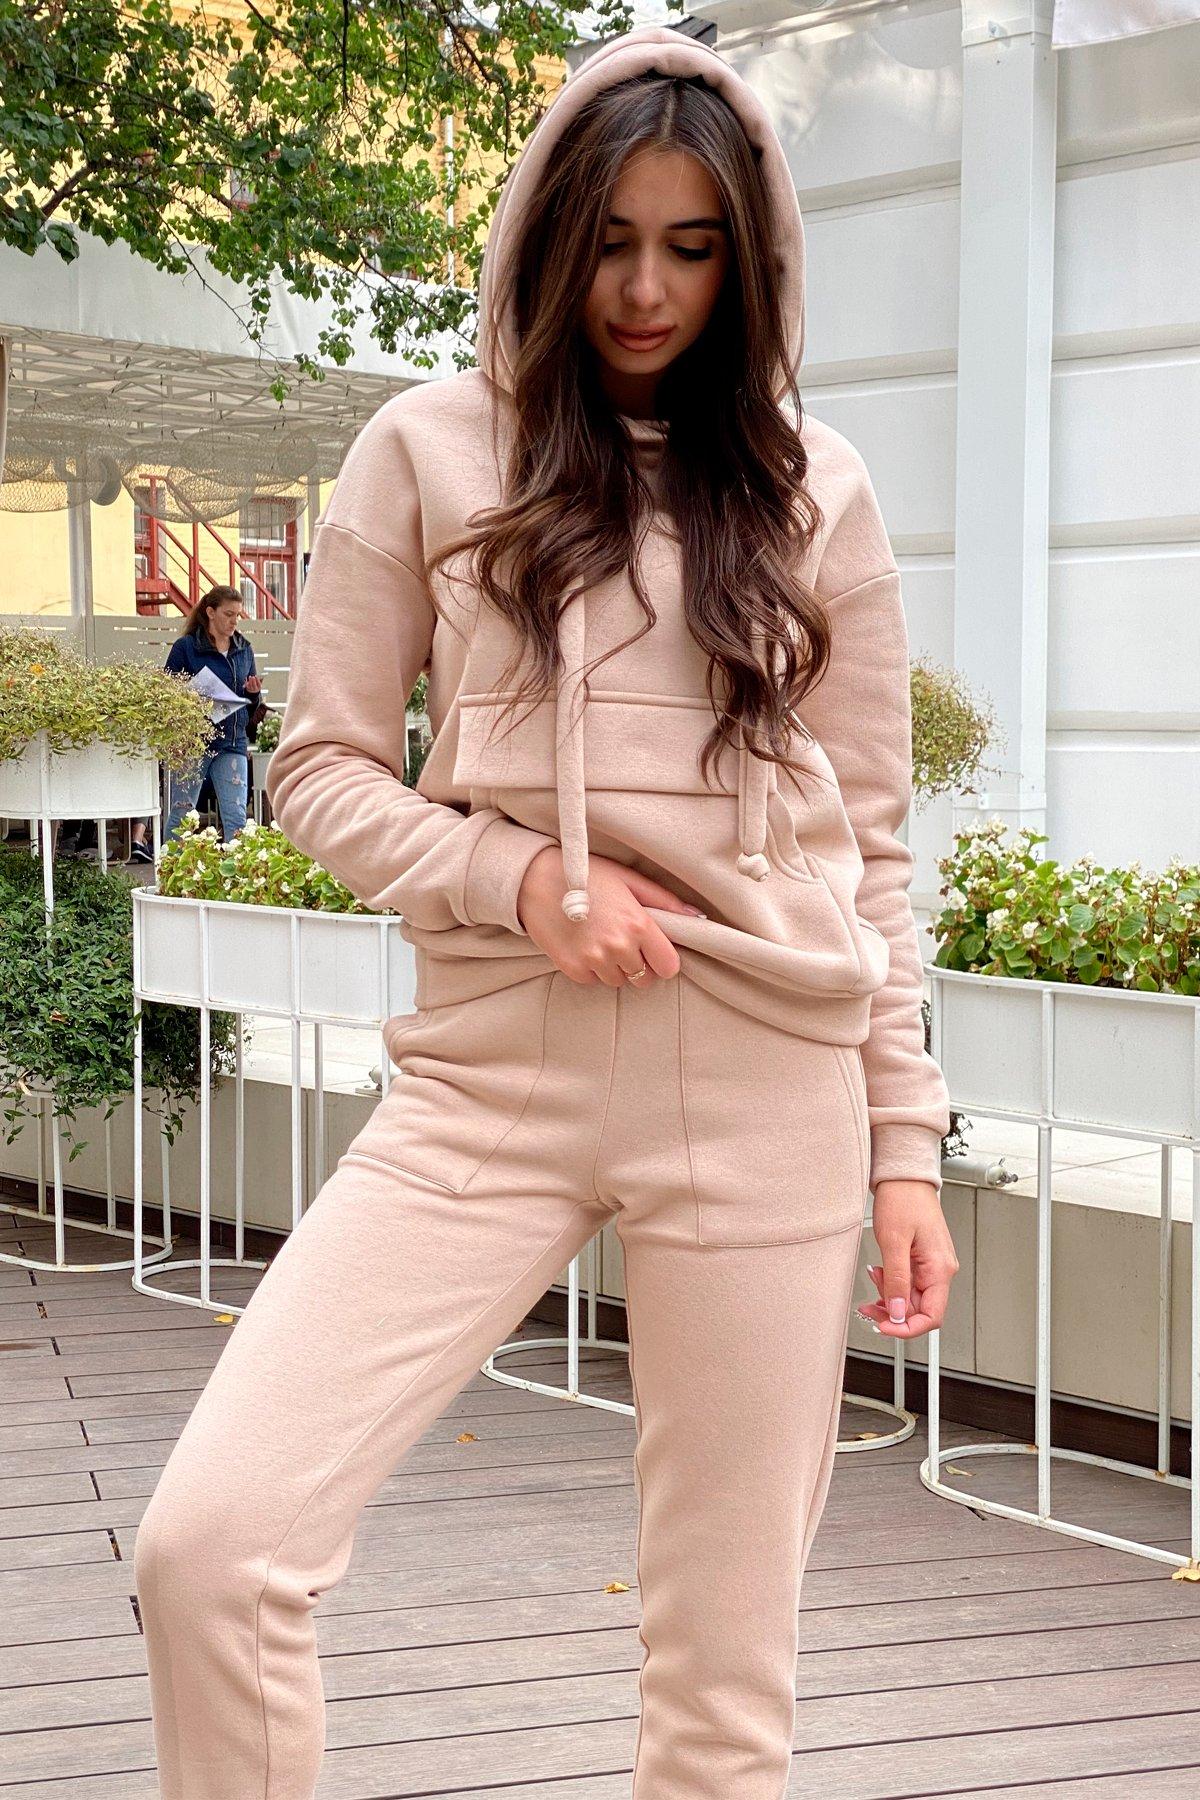 Бруклин  прогулочный костюм 3х нитка с начесом  9663 АРТ. 46213 Цвет: Бежевый - фото 3, интернет магазин tm-modus.ru